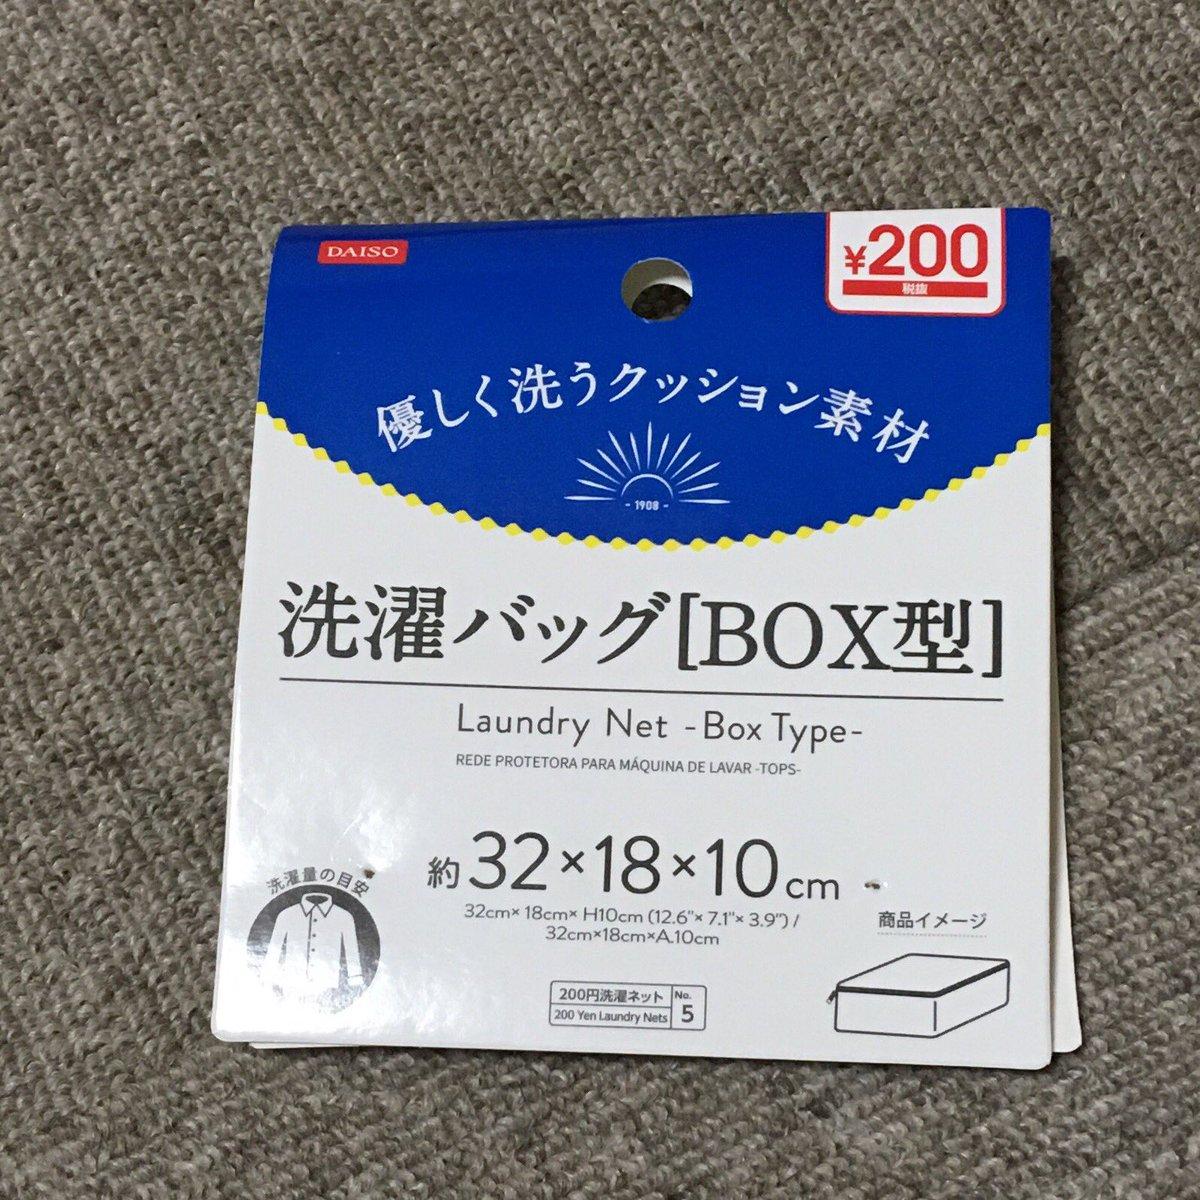 test ツイッターメディア - 洗濯用のネットで200円だけれど、ペンギン??が可愛いくて買っちゃった?? 旅行に行く時にでも使います?? #ダイソー https://t.co/udcp9wy7QH